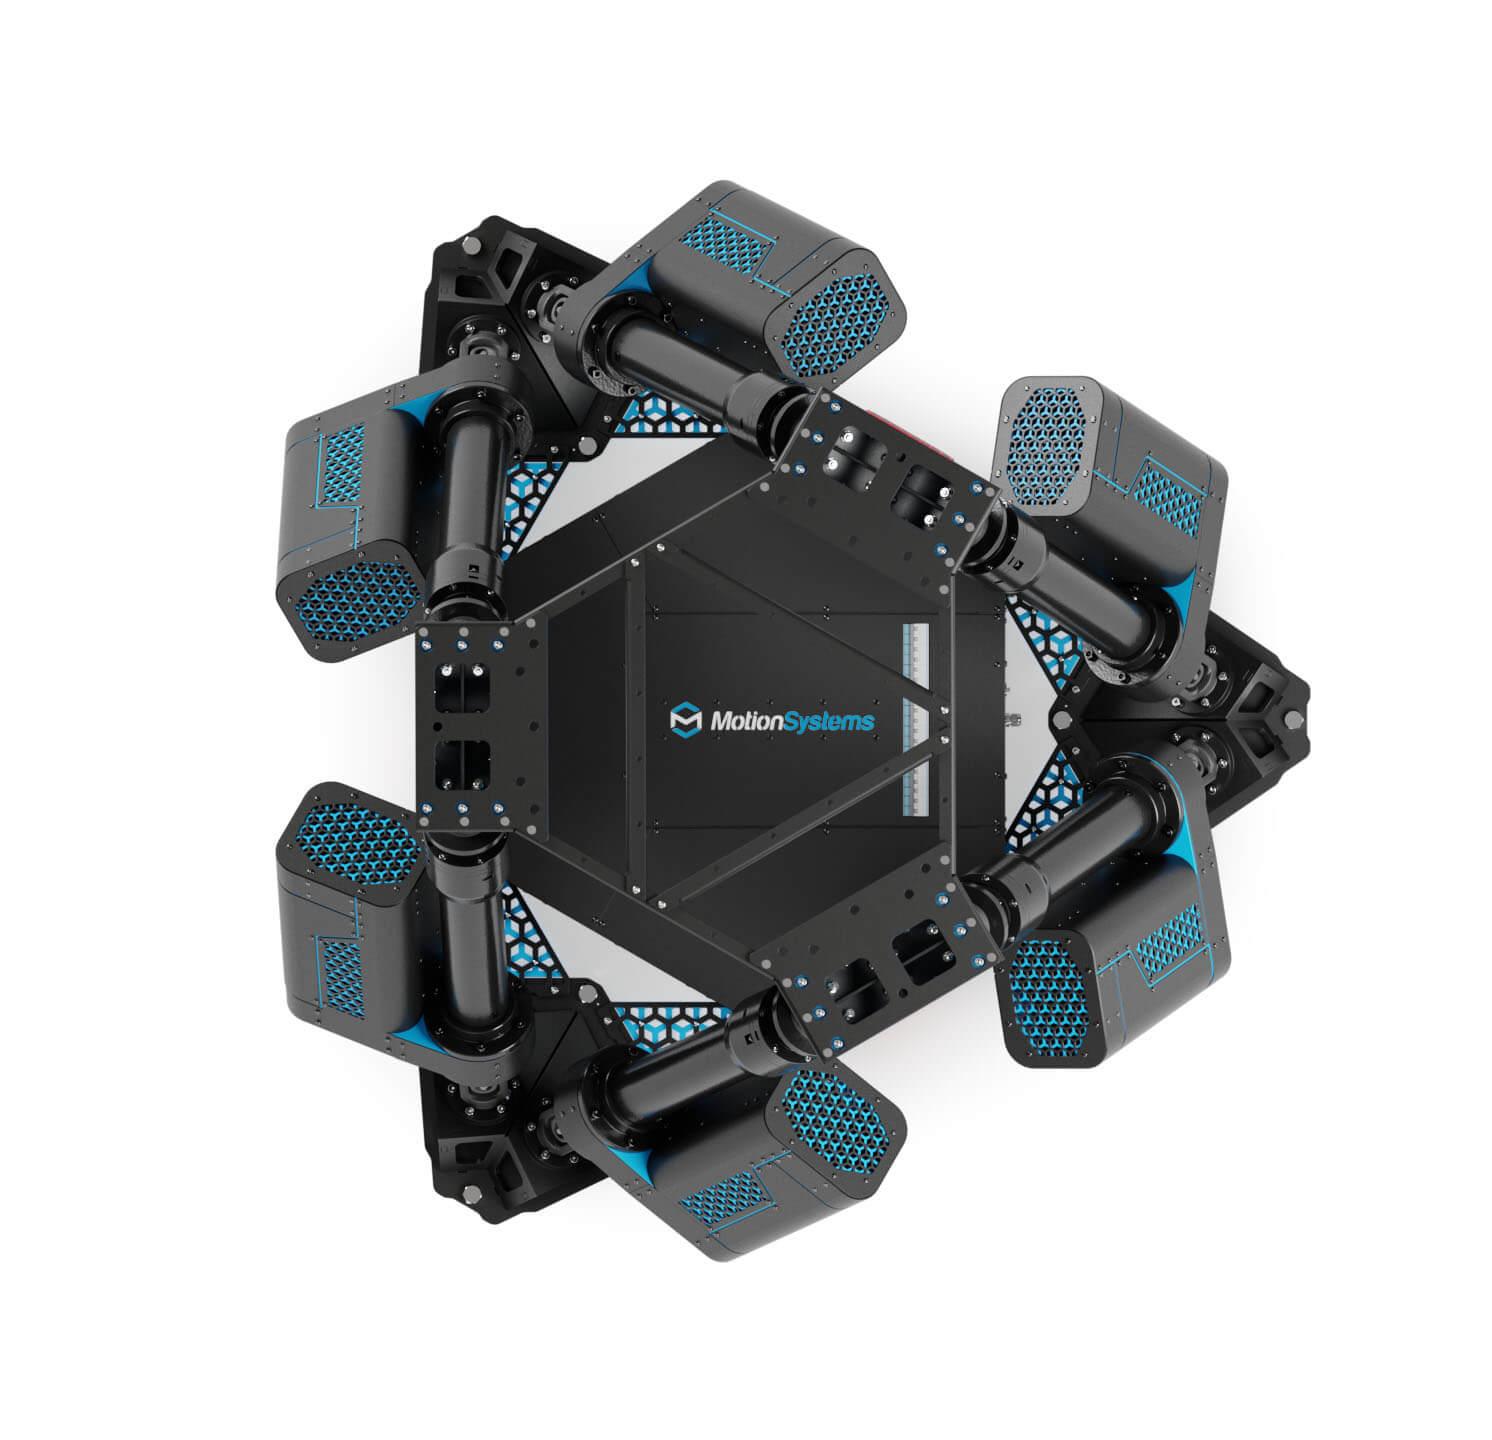 Motion Platform PS-6TL-800